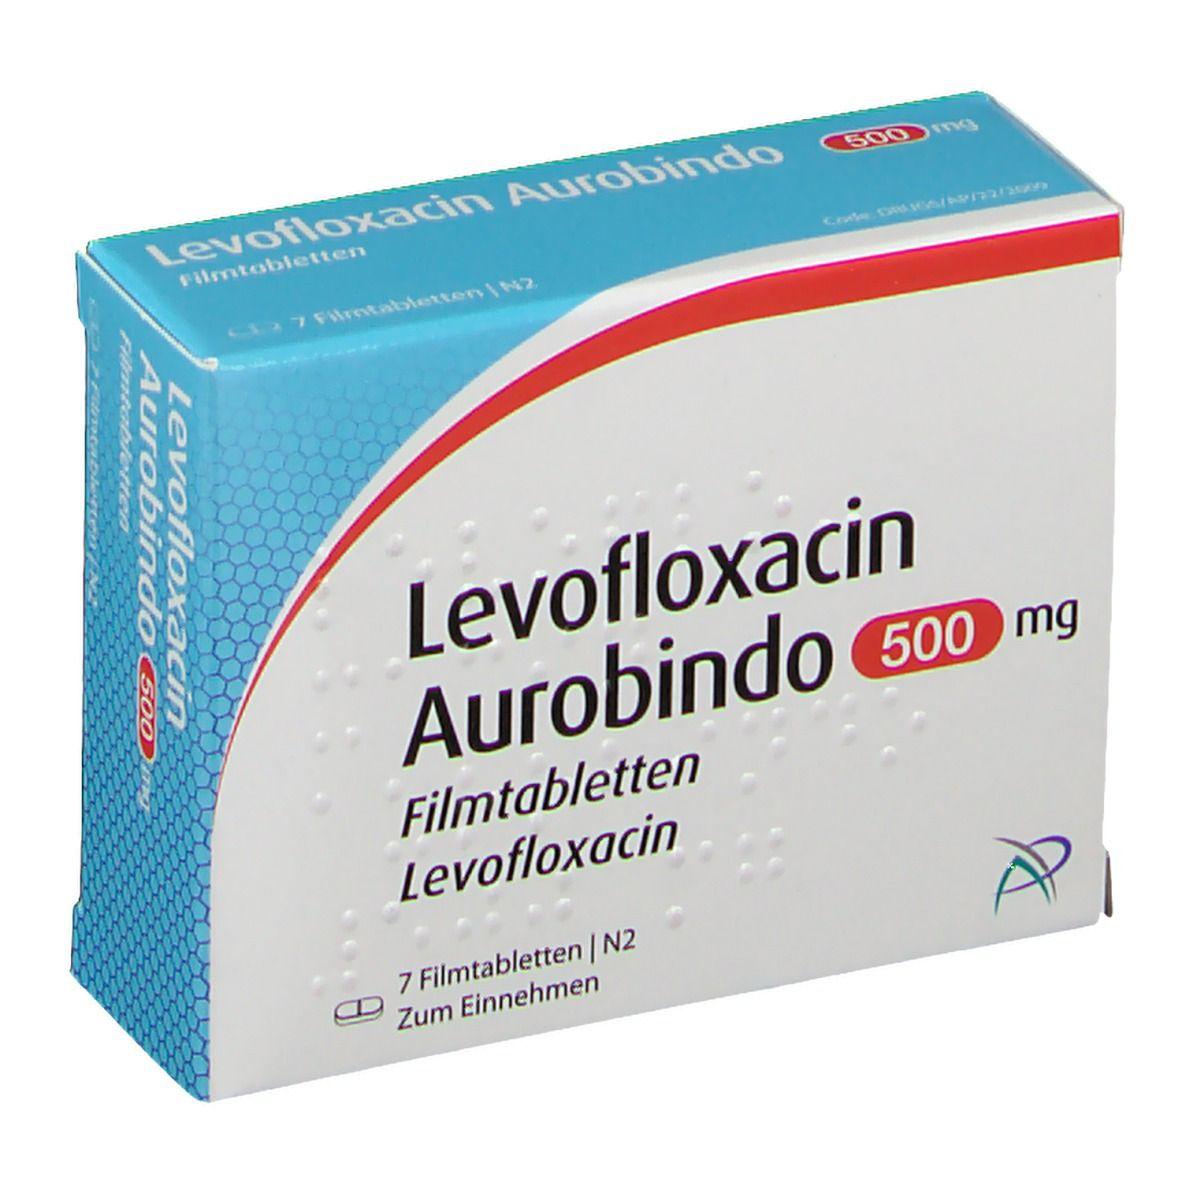 LEVOFLOXACIN Aurobindo 500 mg Filmtabletten 7 St - shop